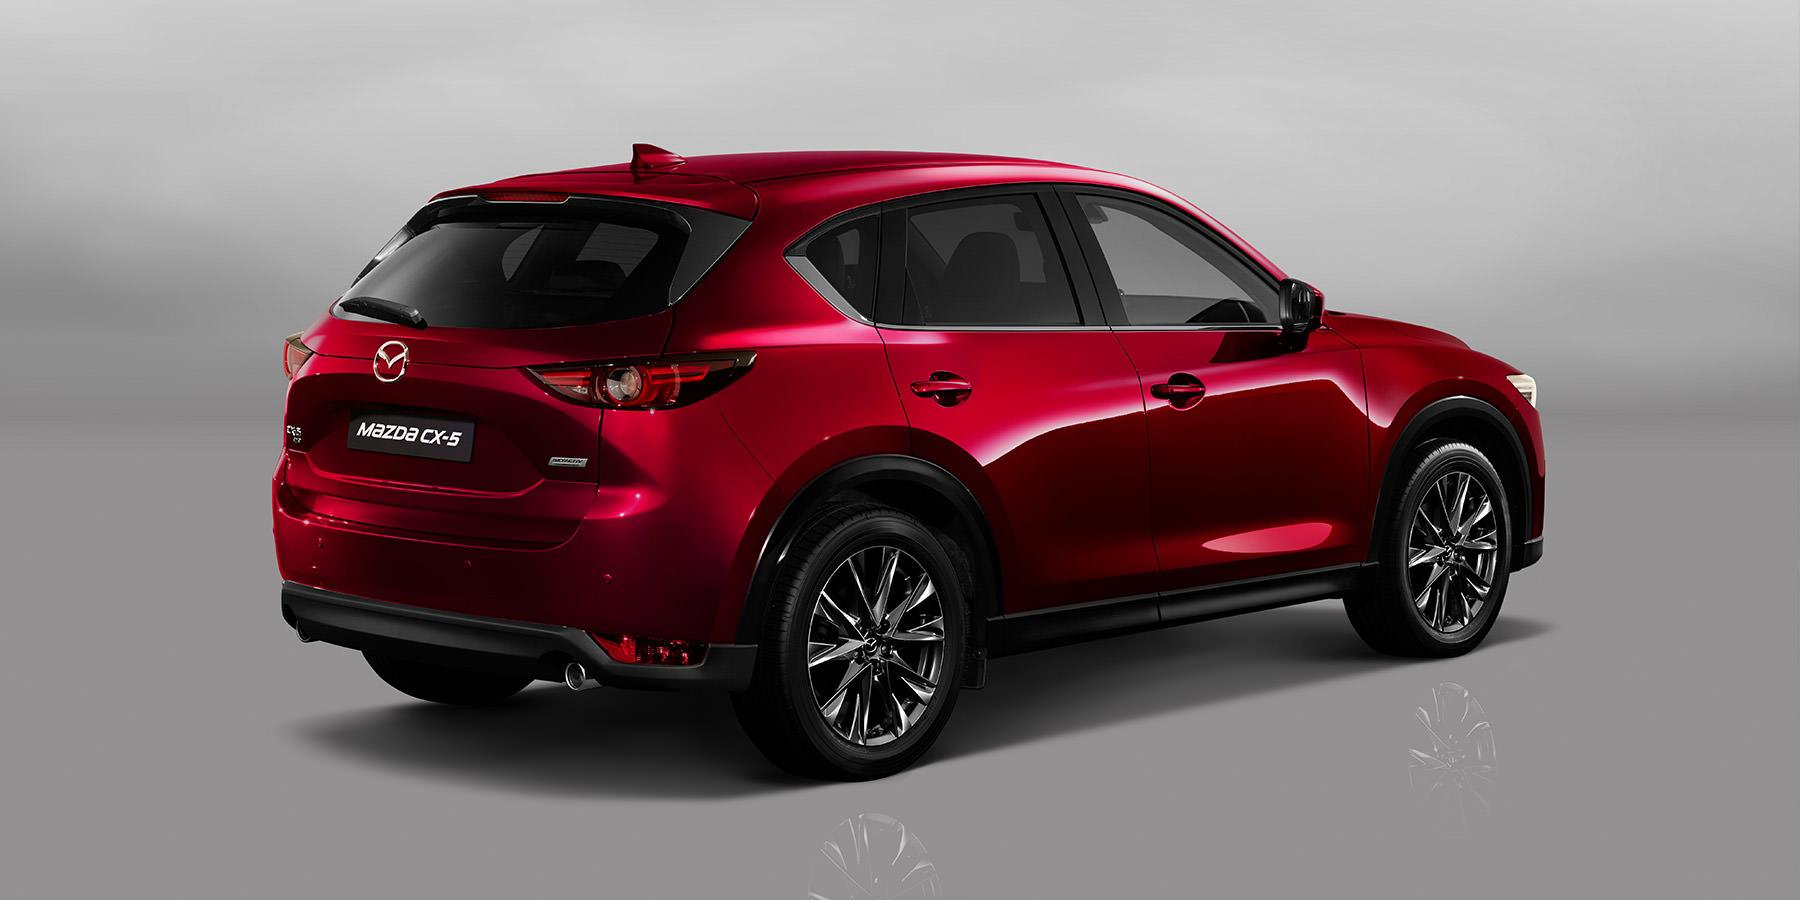 Mazda MX-5 Modellabbildung in schräger Heckansicht, Modellfarbe rot